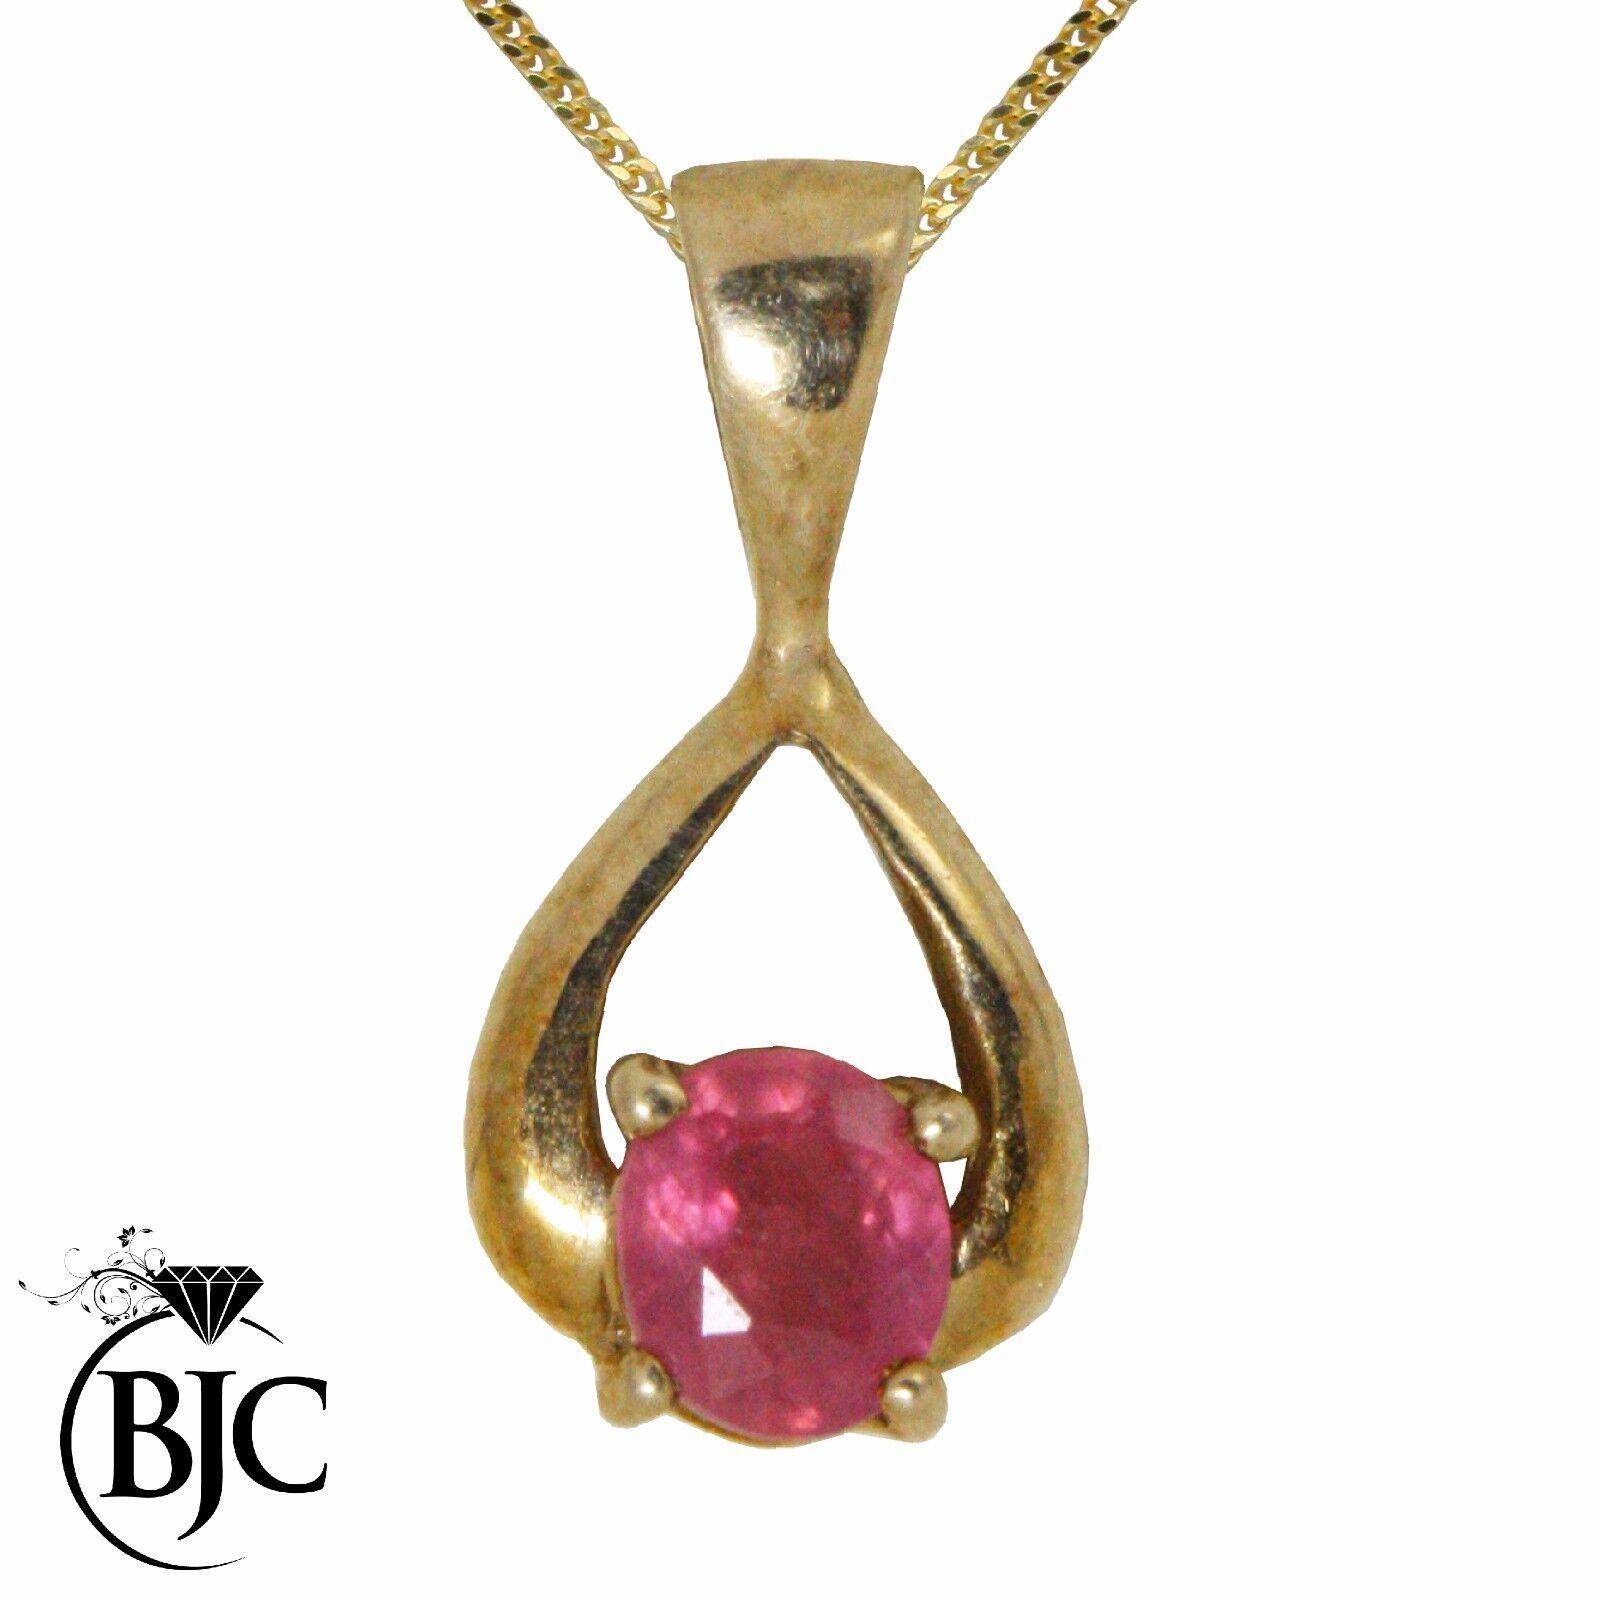 BJC 9kt gold yellow Rubino Naturale redondo Lacrima Pendente E Collana P28